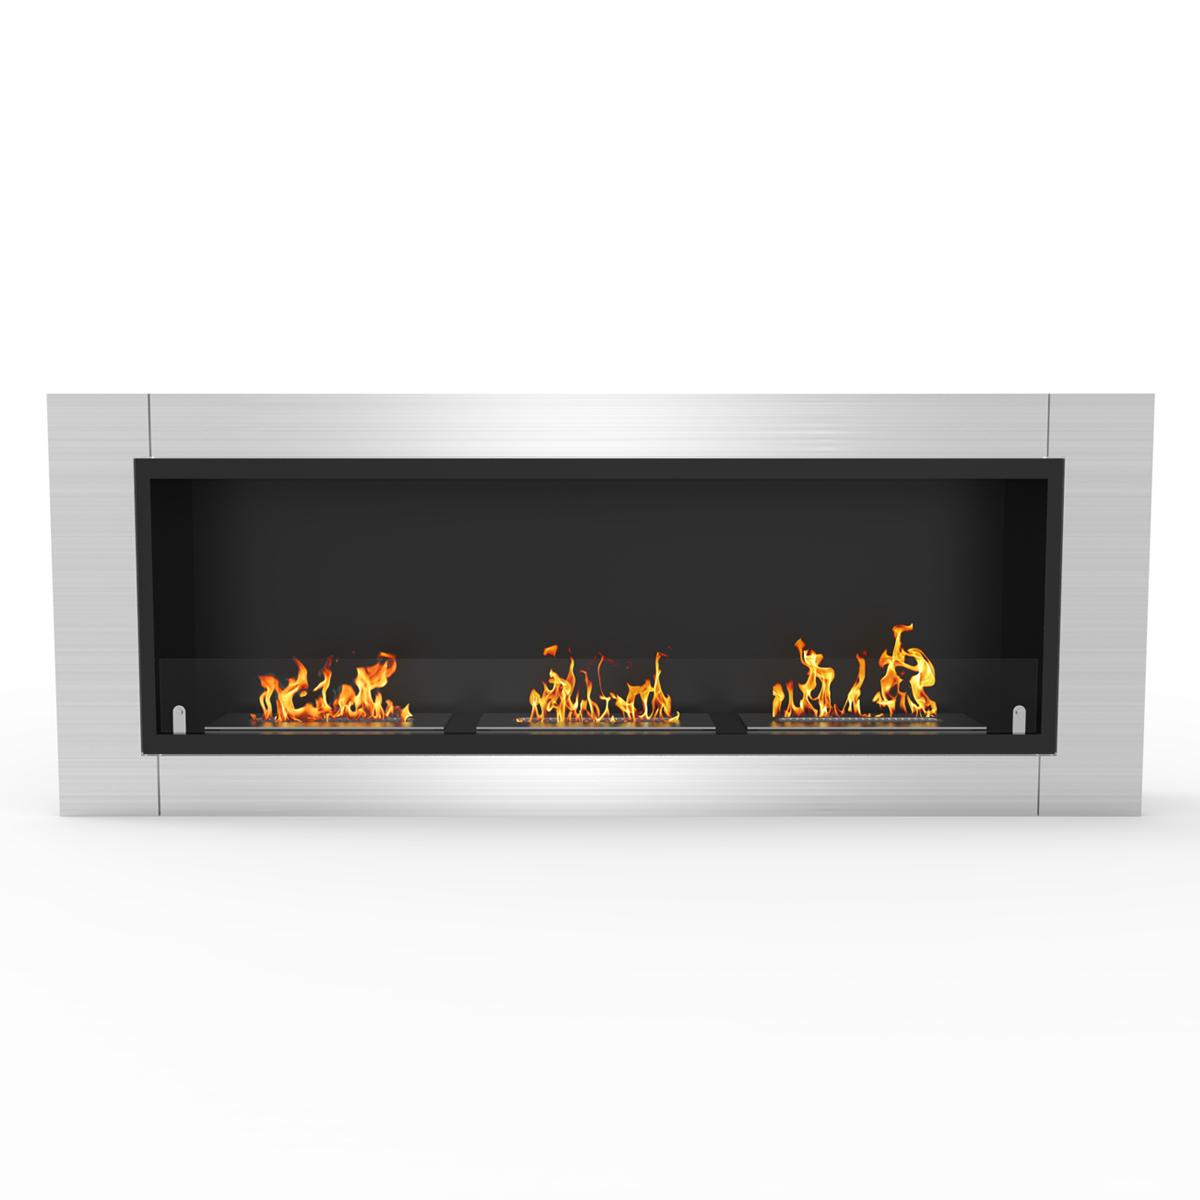 Regal Flame Lenox 54 Inch Ventless Built In Recessed Bio